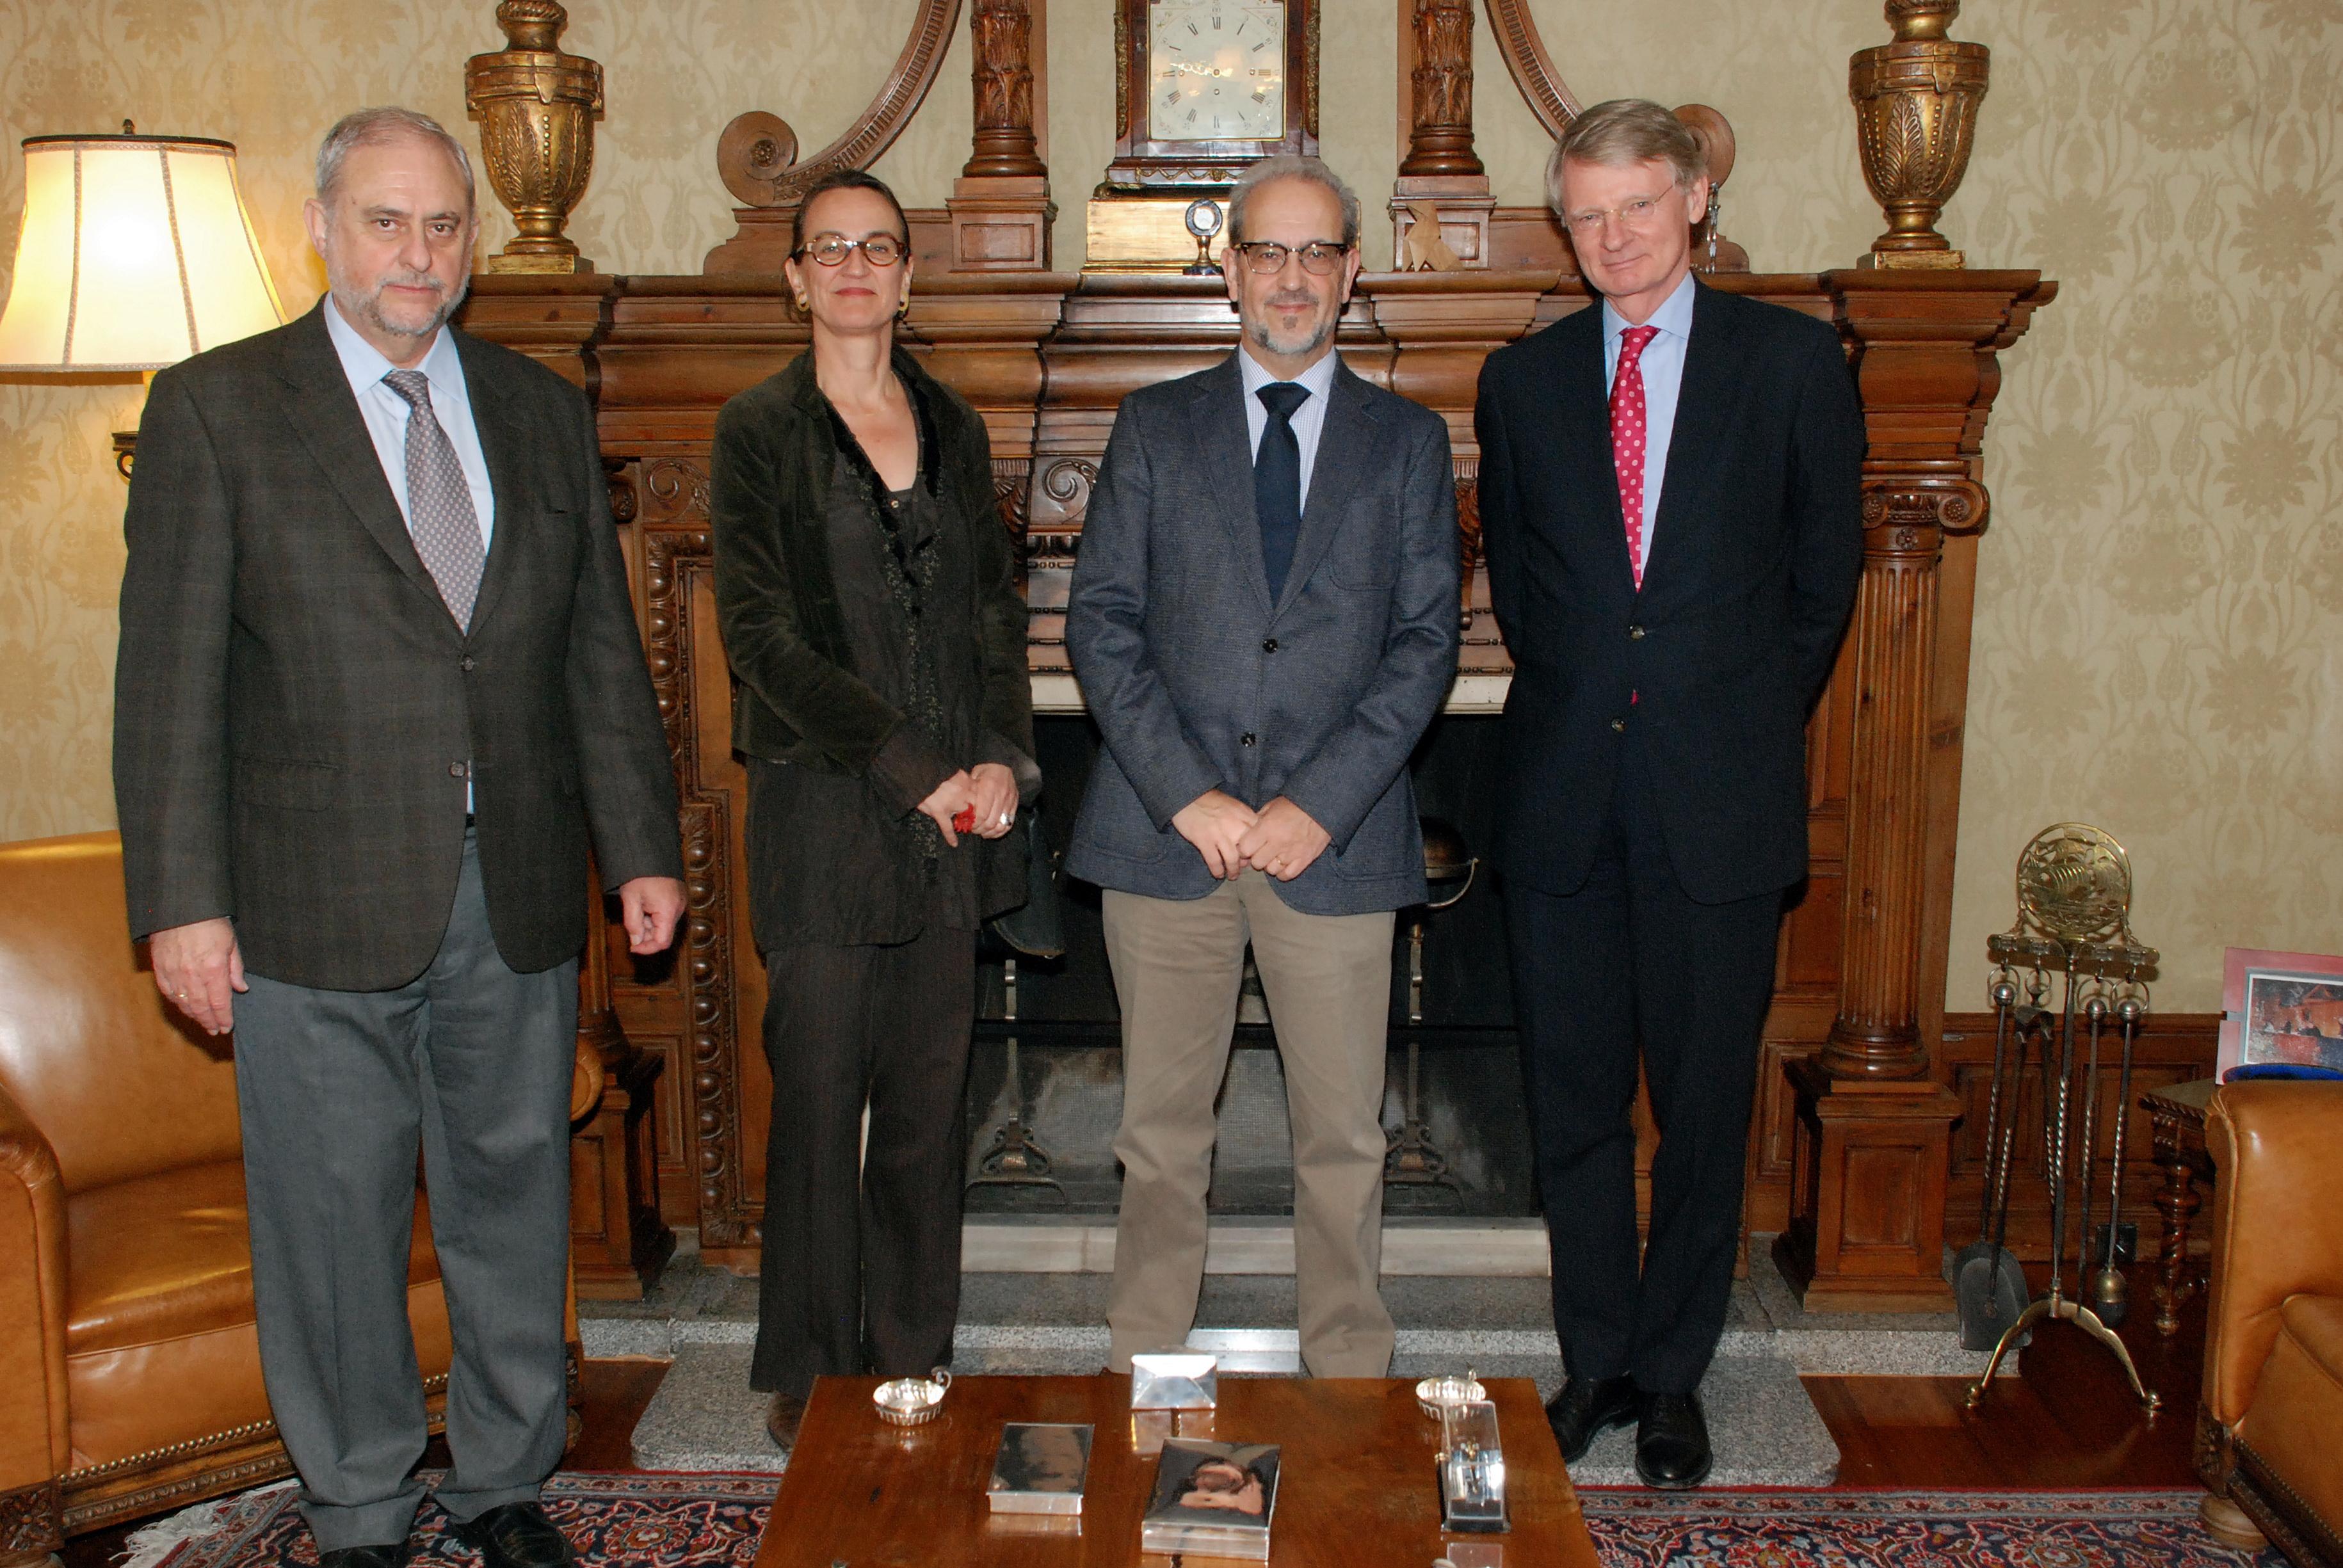 El rector de la Universidad de Salamanca, Daniel Hernández Ruipérez, recibe al embajador de los Países Bajos en España